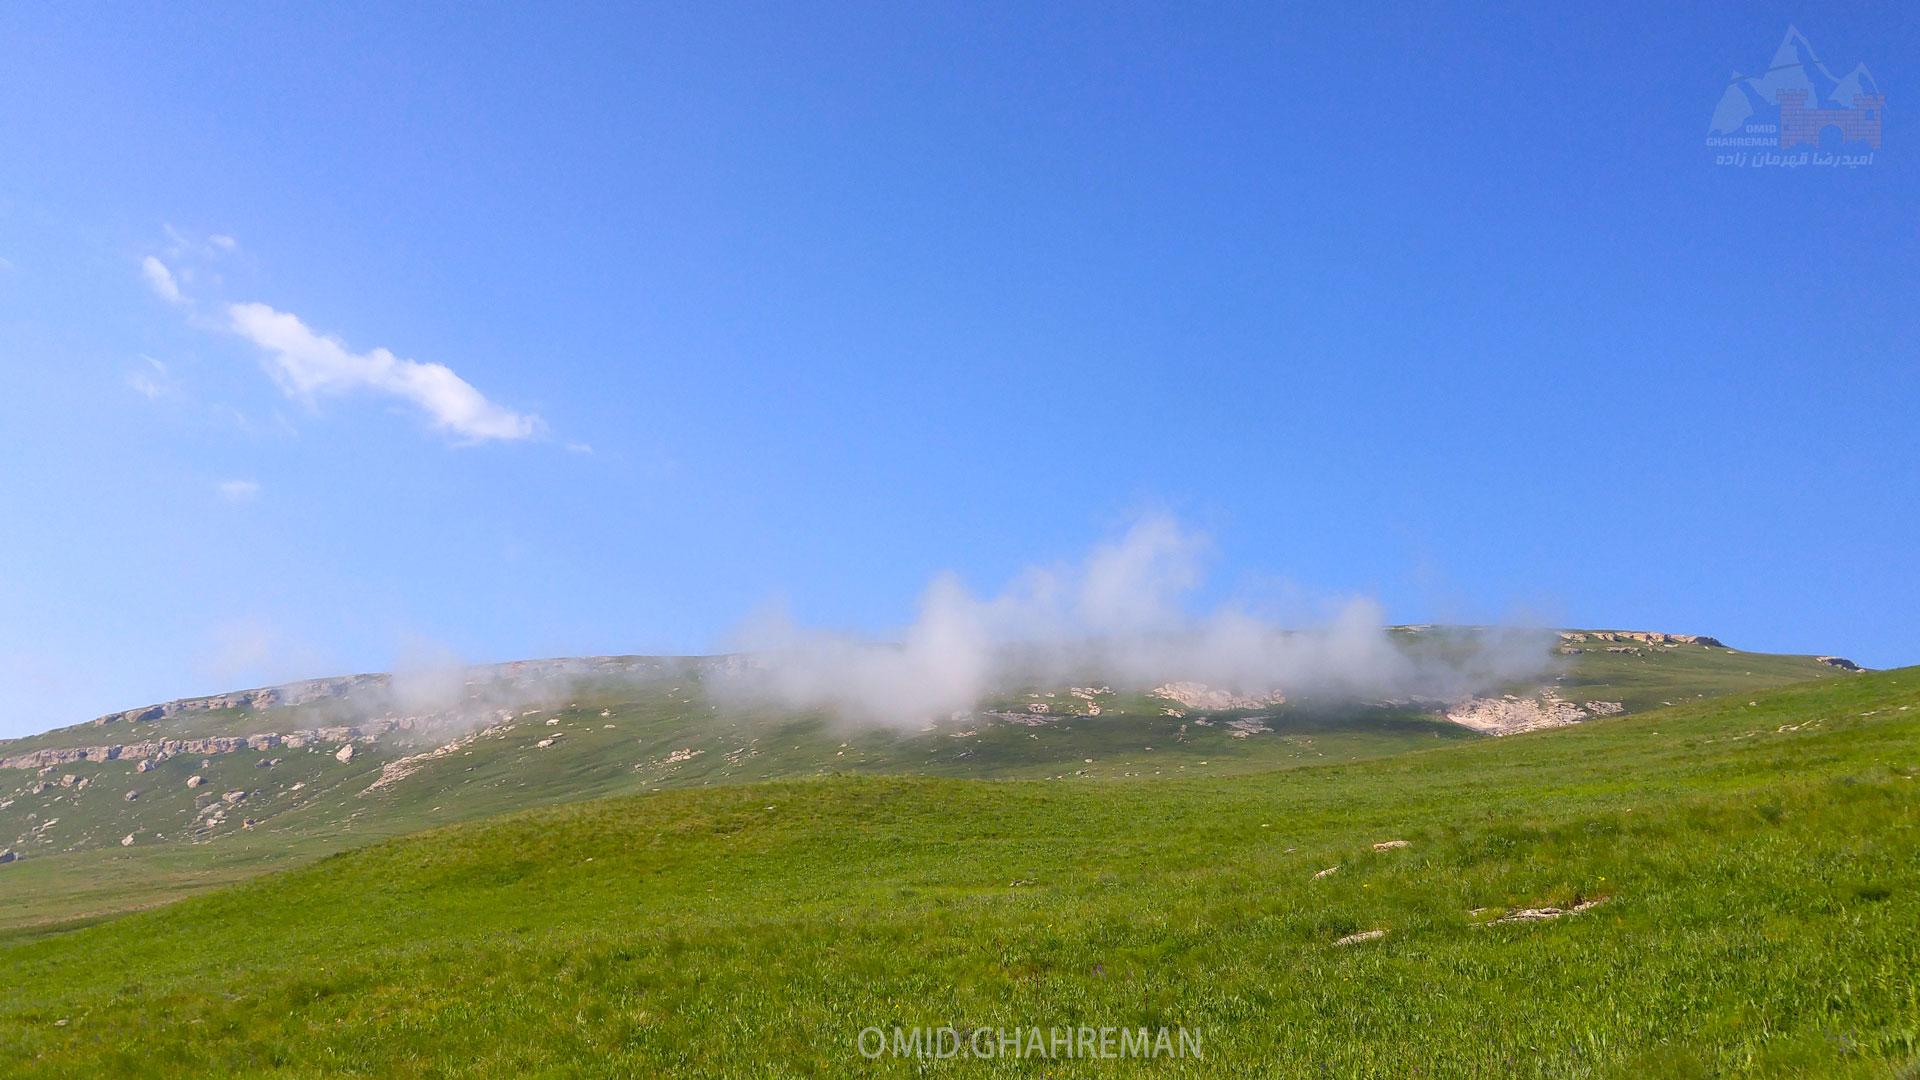 کوه دومانلی در نزدیکی کوه قارلی